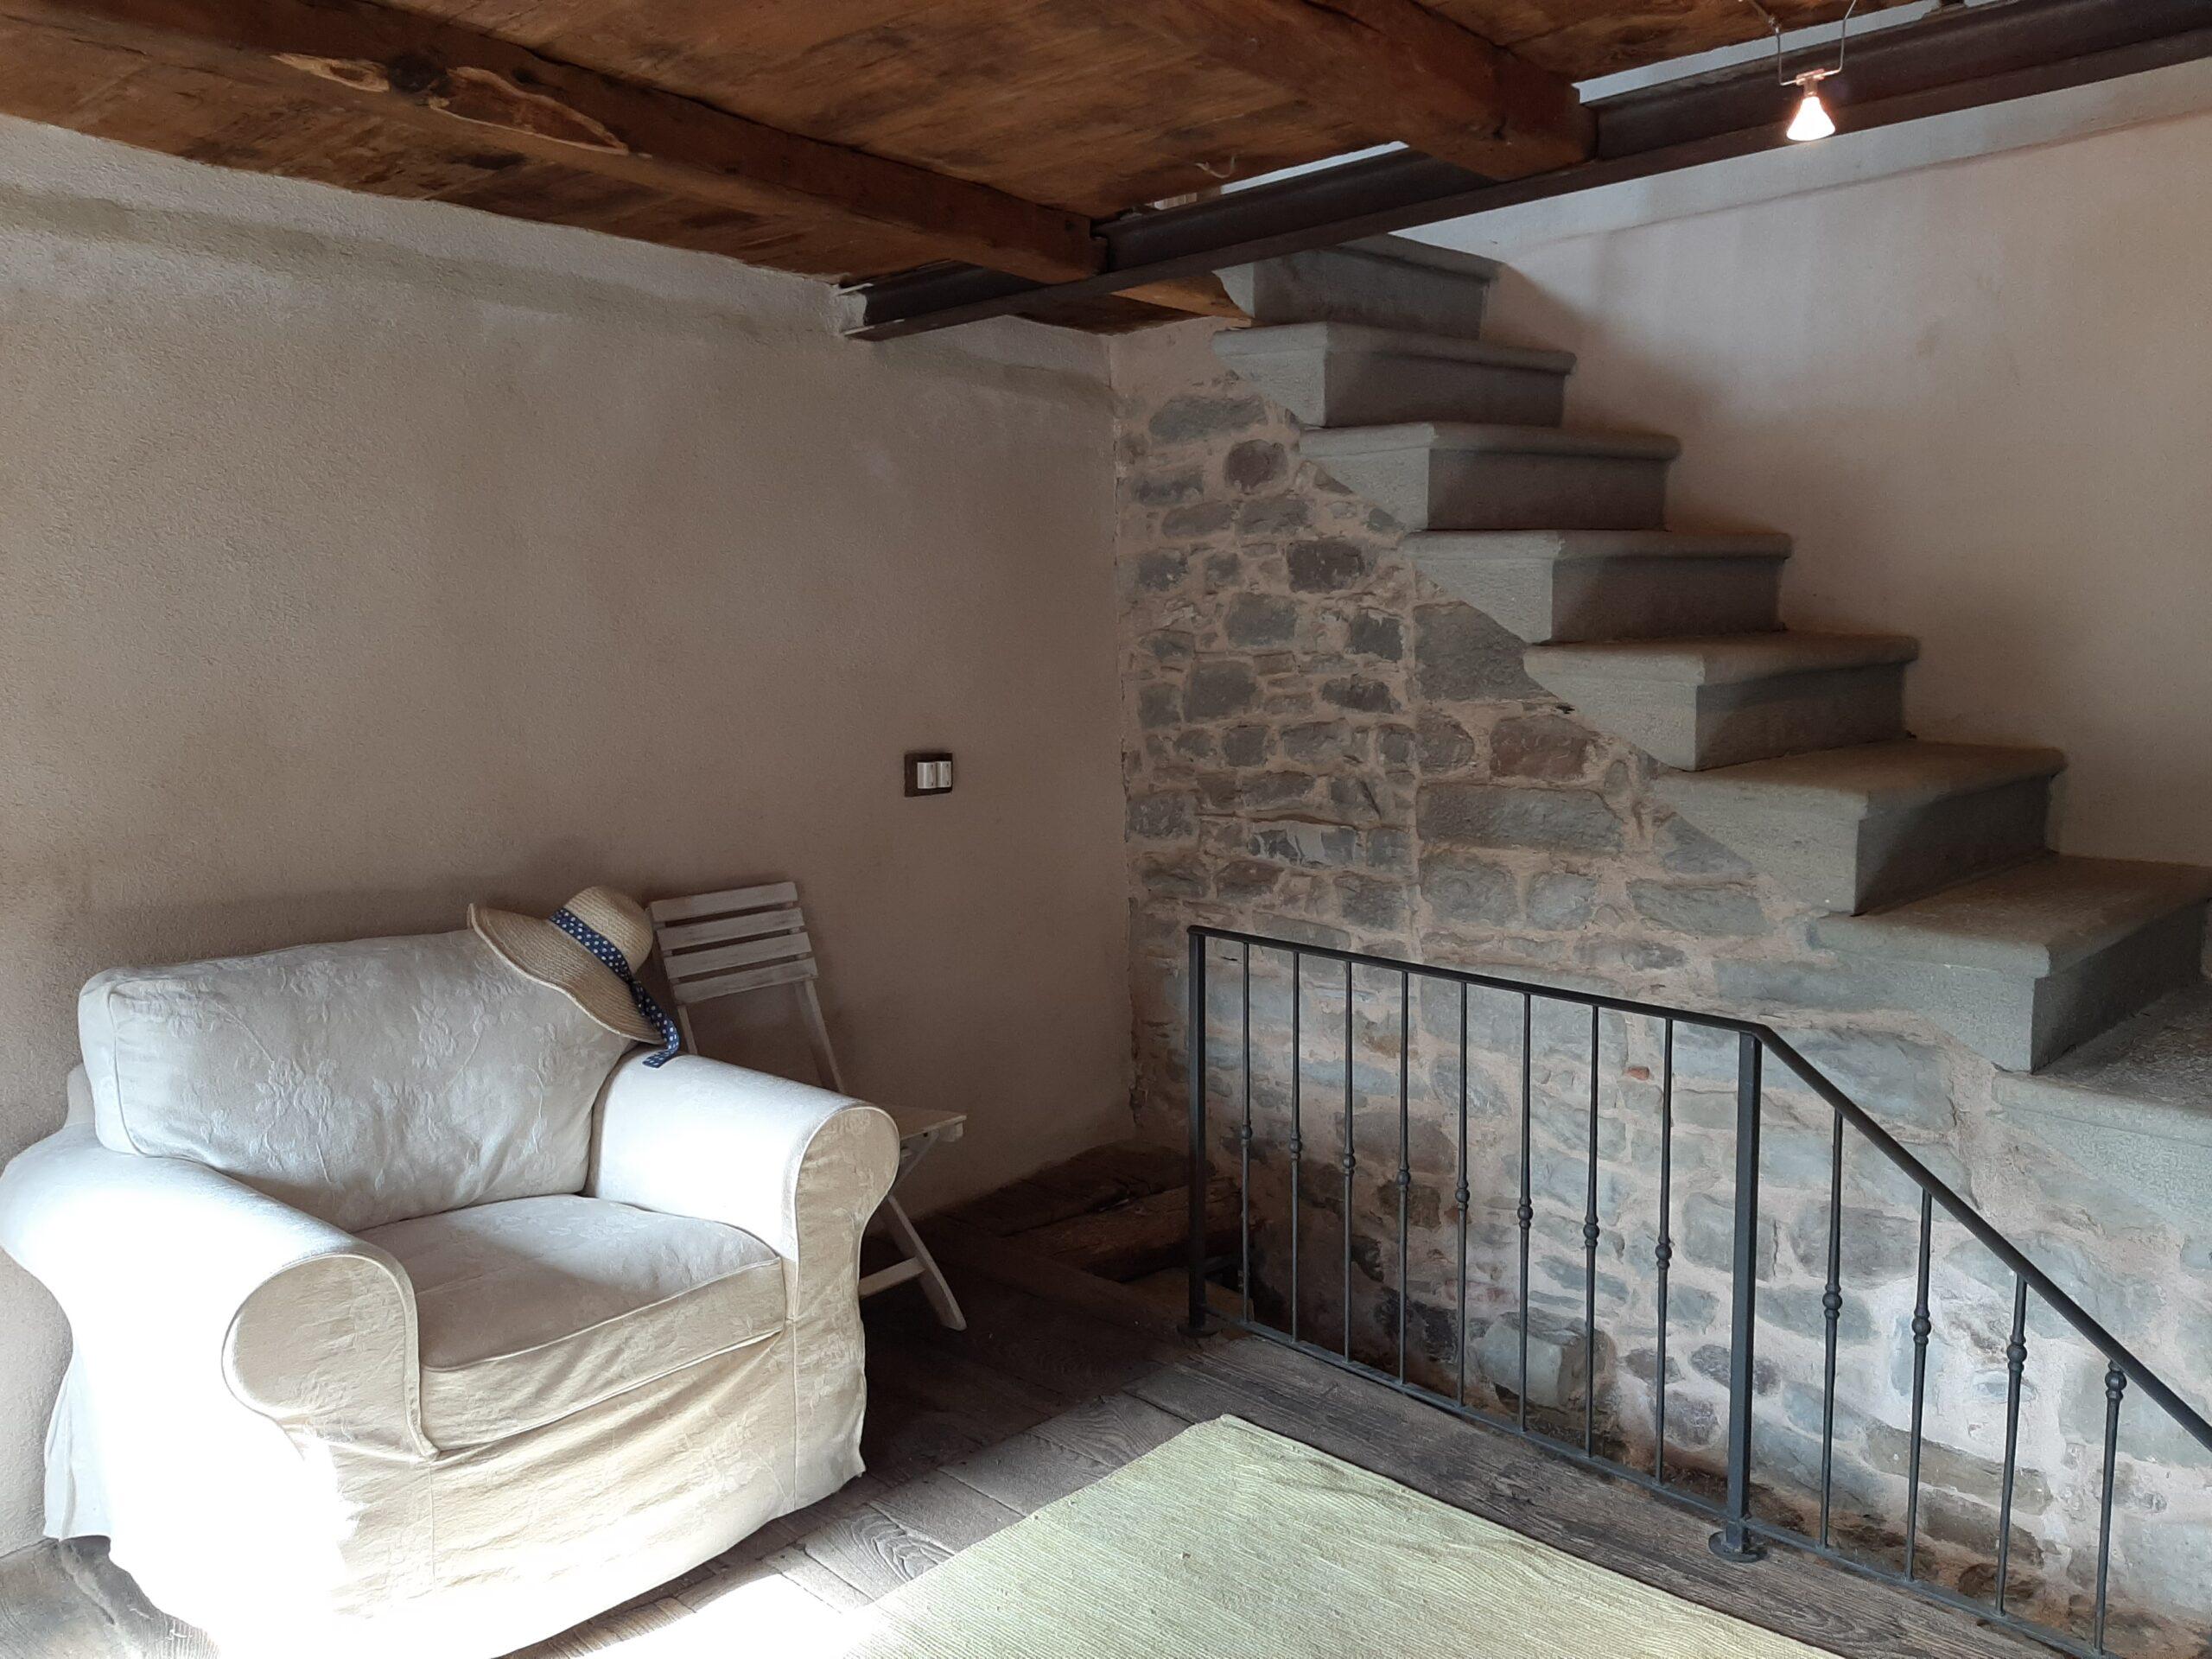 Casa ristrutturata in pietra, con panorama  unico. Lunigiana. ref. 2377